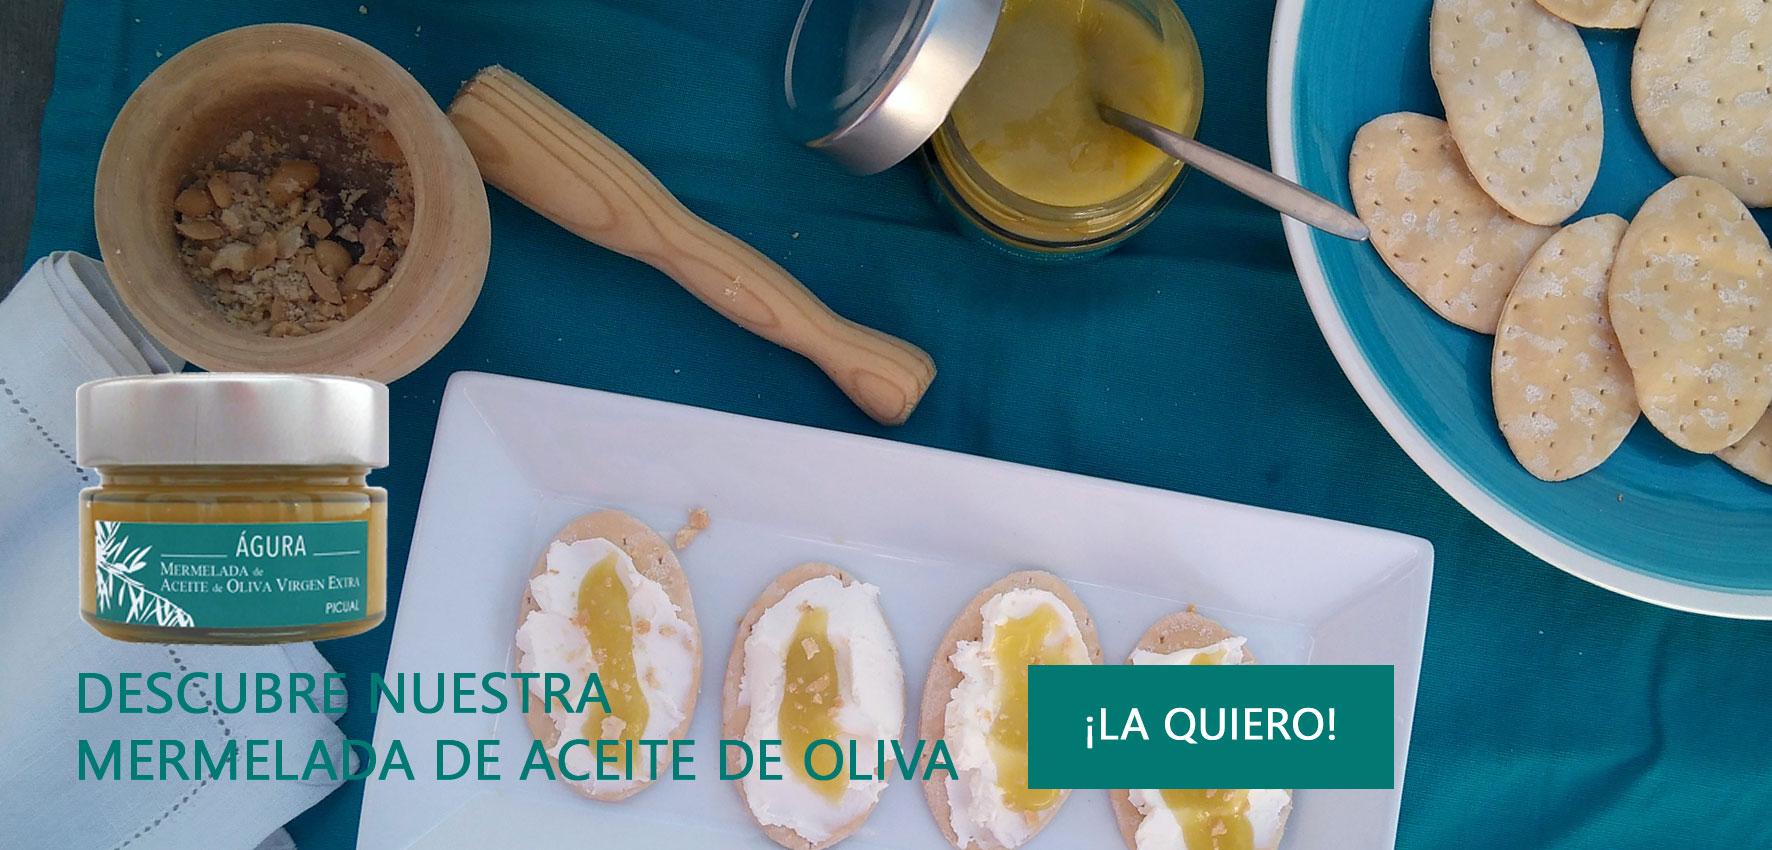 mermelada aceite de oliva virgen extra agura